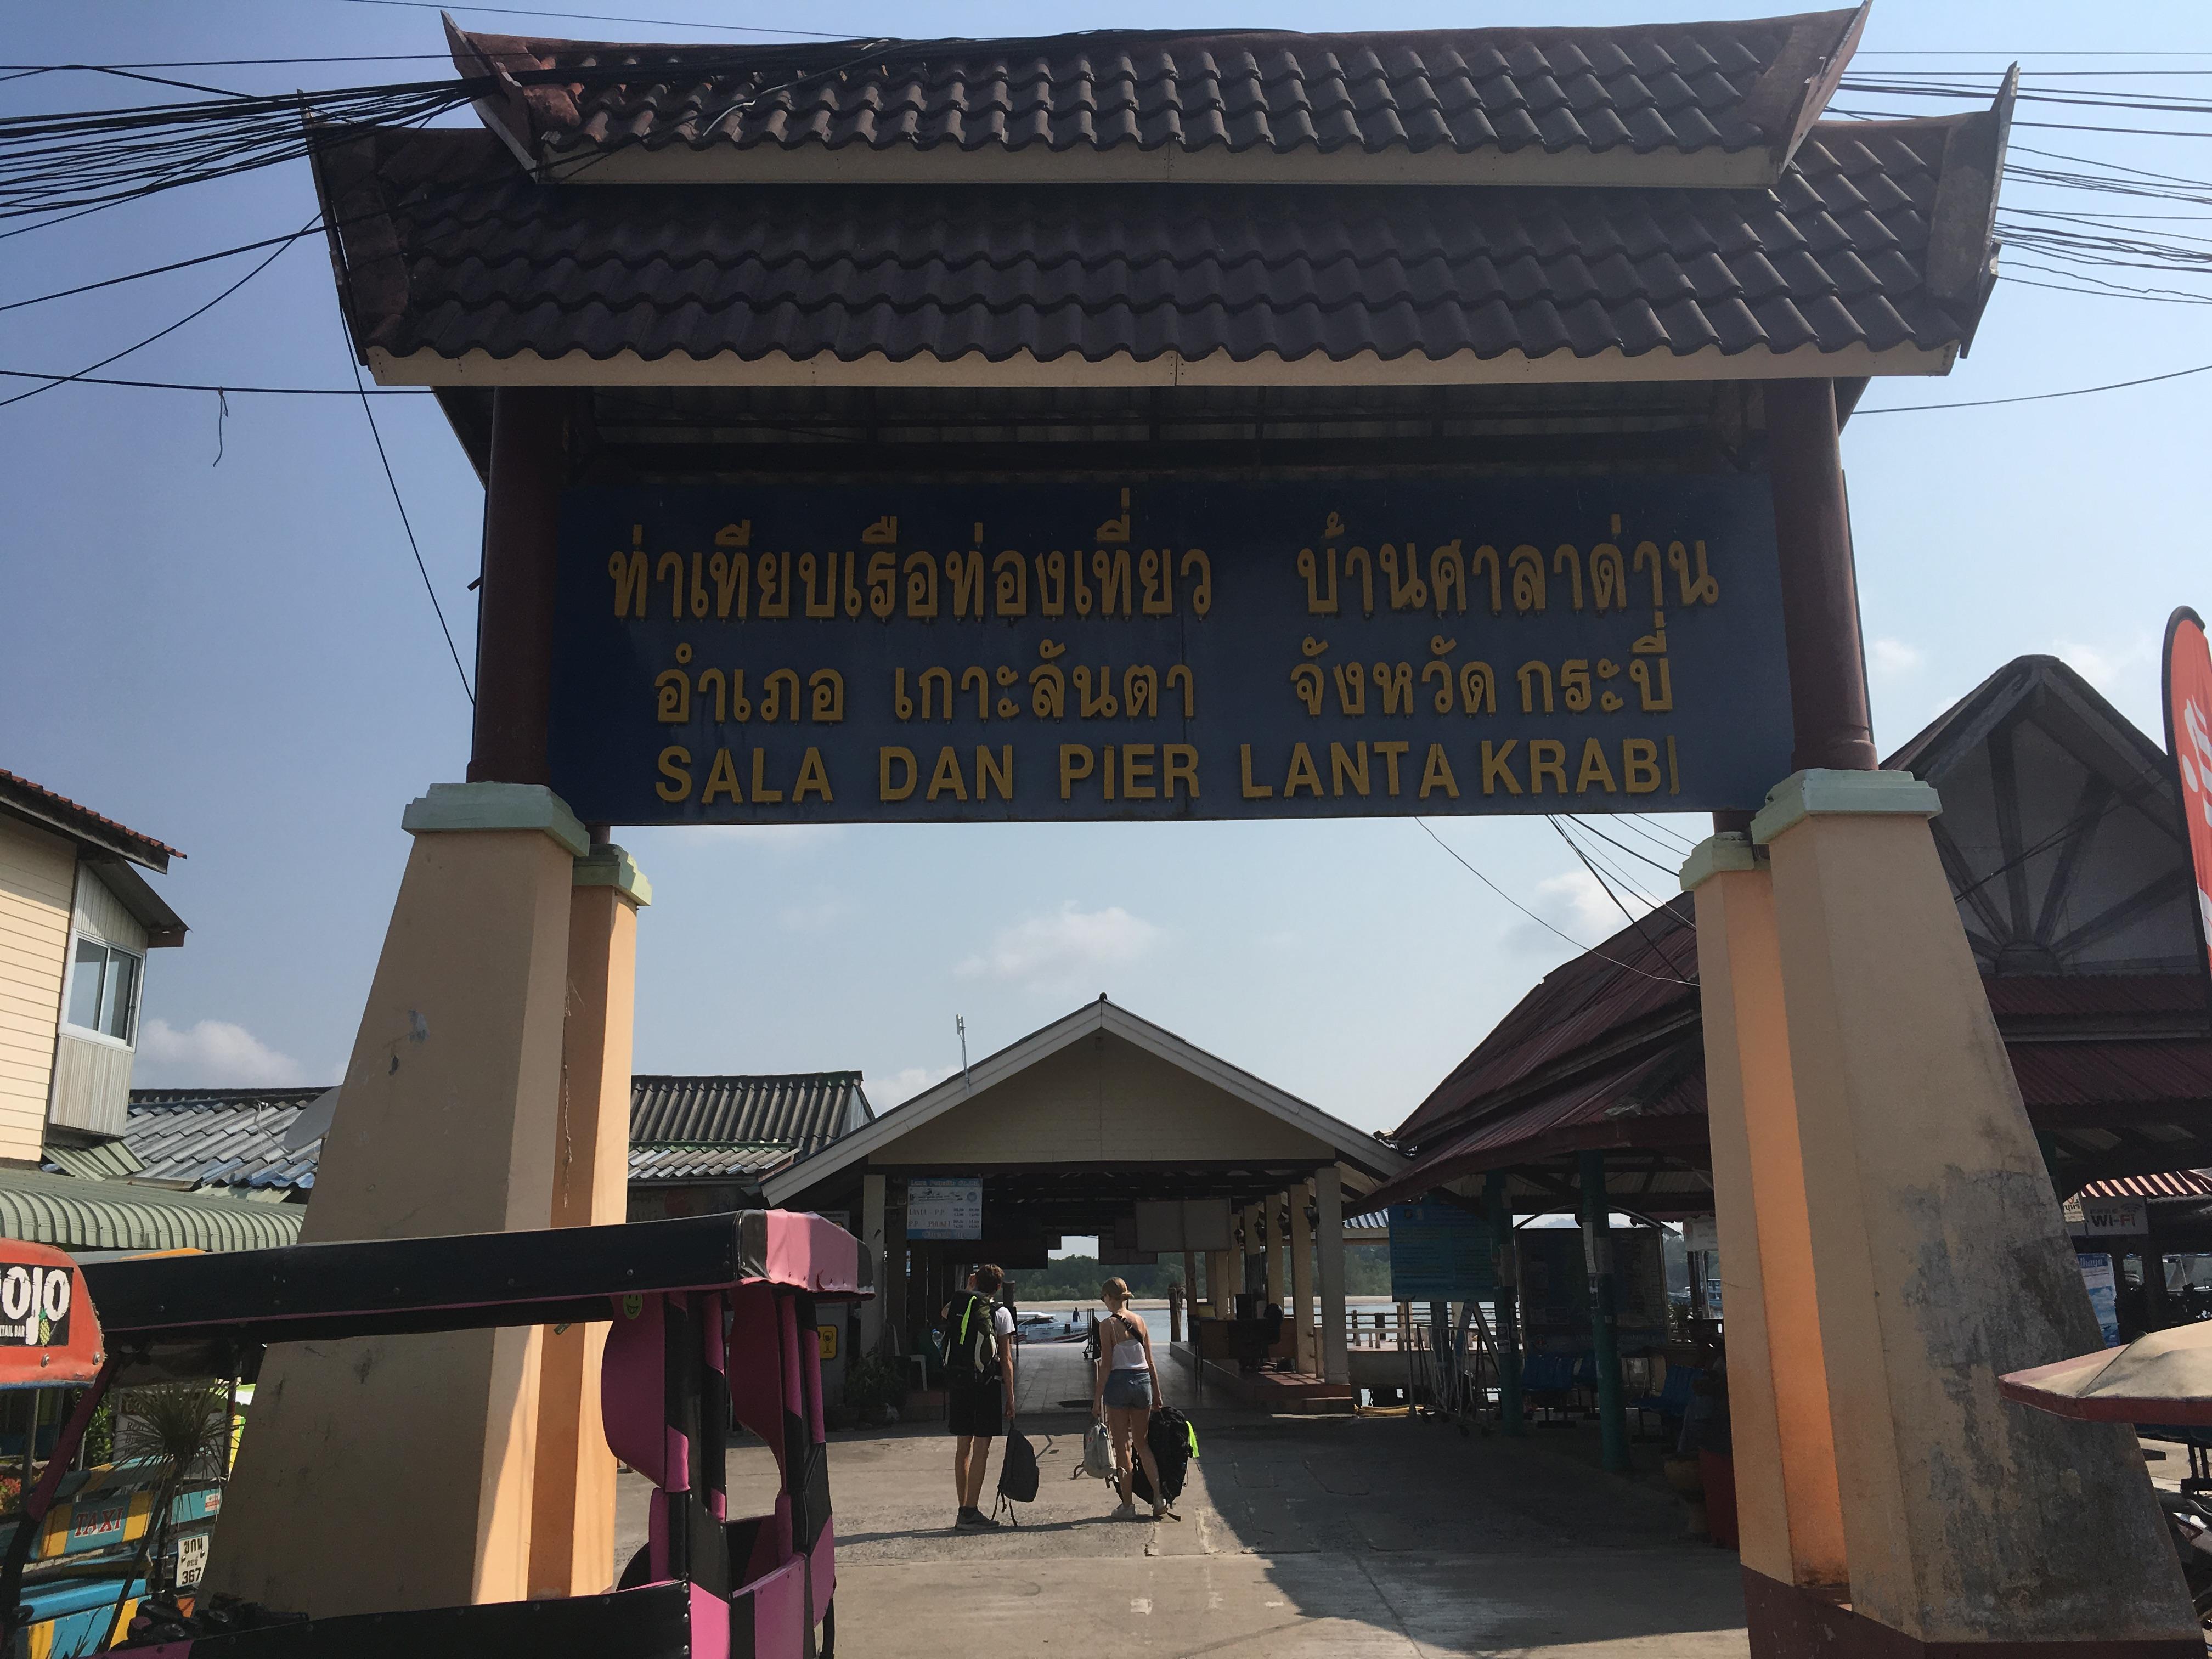 [다섯번째 나홀로 여행 10탄] 꼬란타(Koh Lanta)에서 꼬리뻬(Koh Lipe) 들어가기